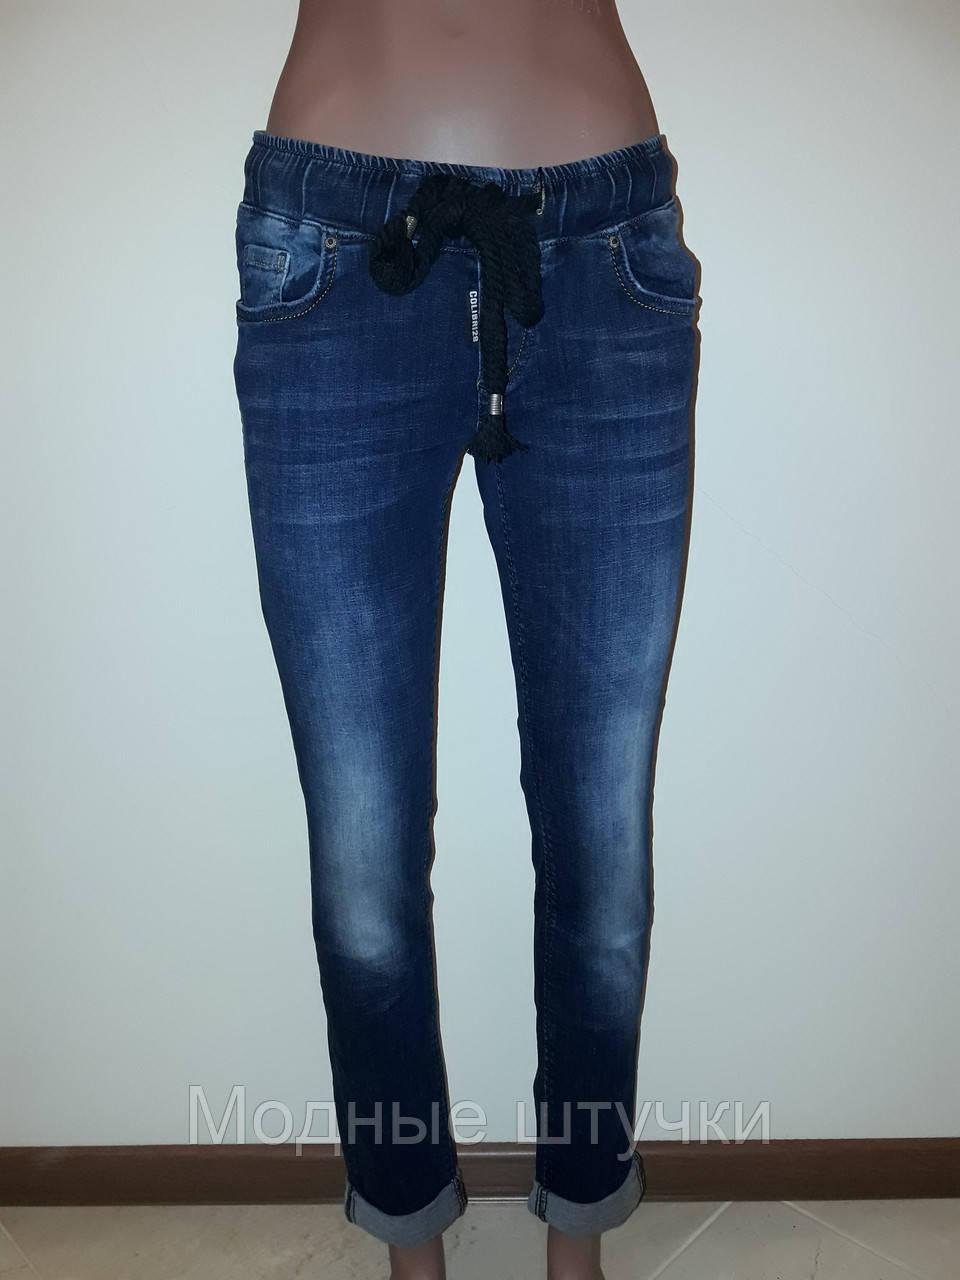 1131350c74d Женские джинсы Colibri РЕЗИНКА - Модные штучки в Николаеве